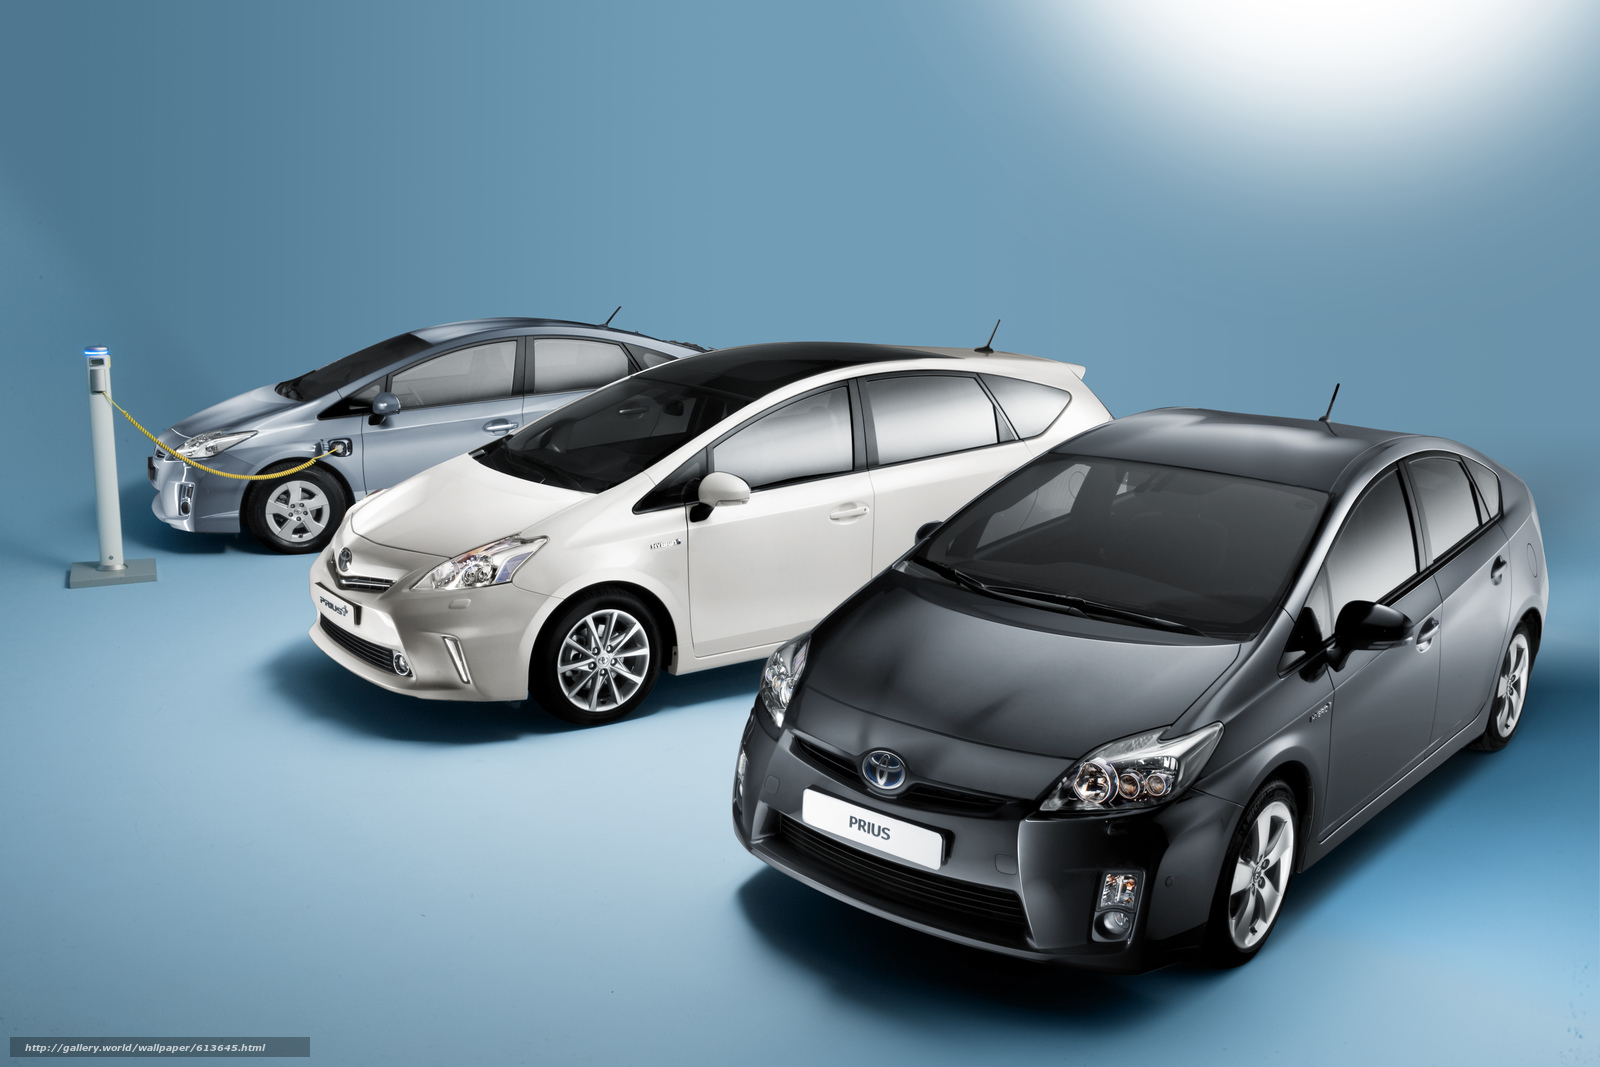 Скачать обои Электромобиль,  Тоёта,  Приус,  Toyota Prius бесплатно для рабочего стола в разрешении 5560x3707 — картинка №613645